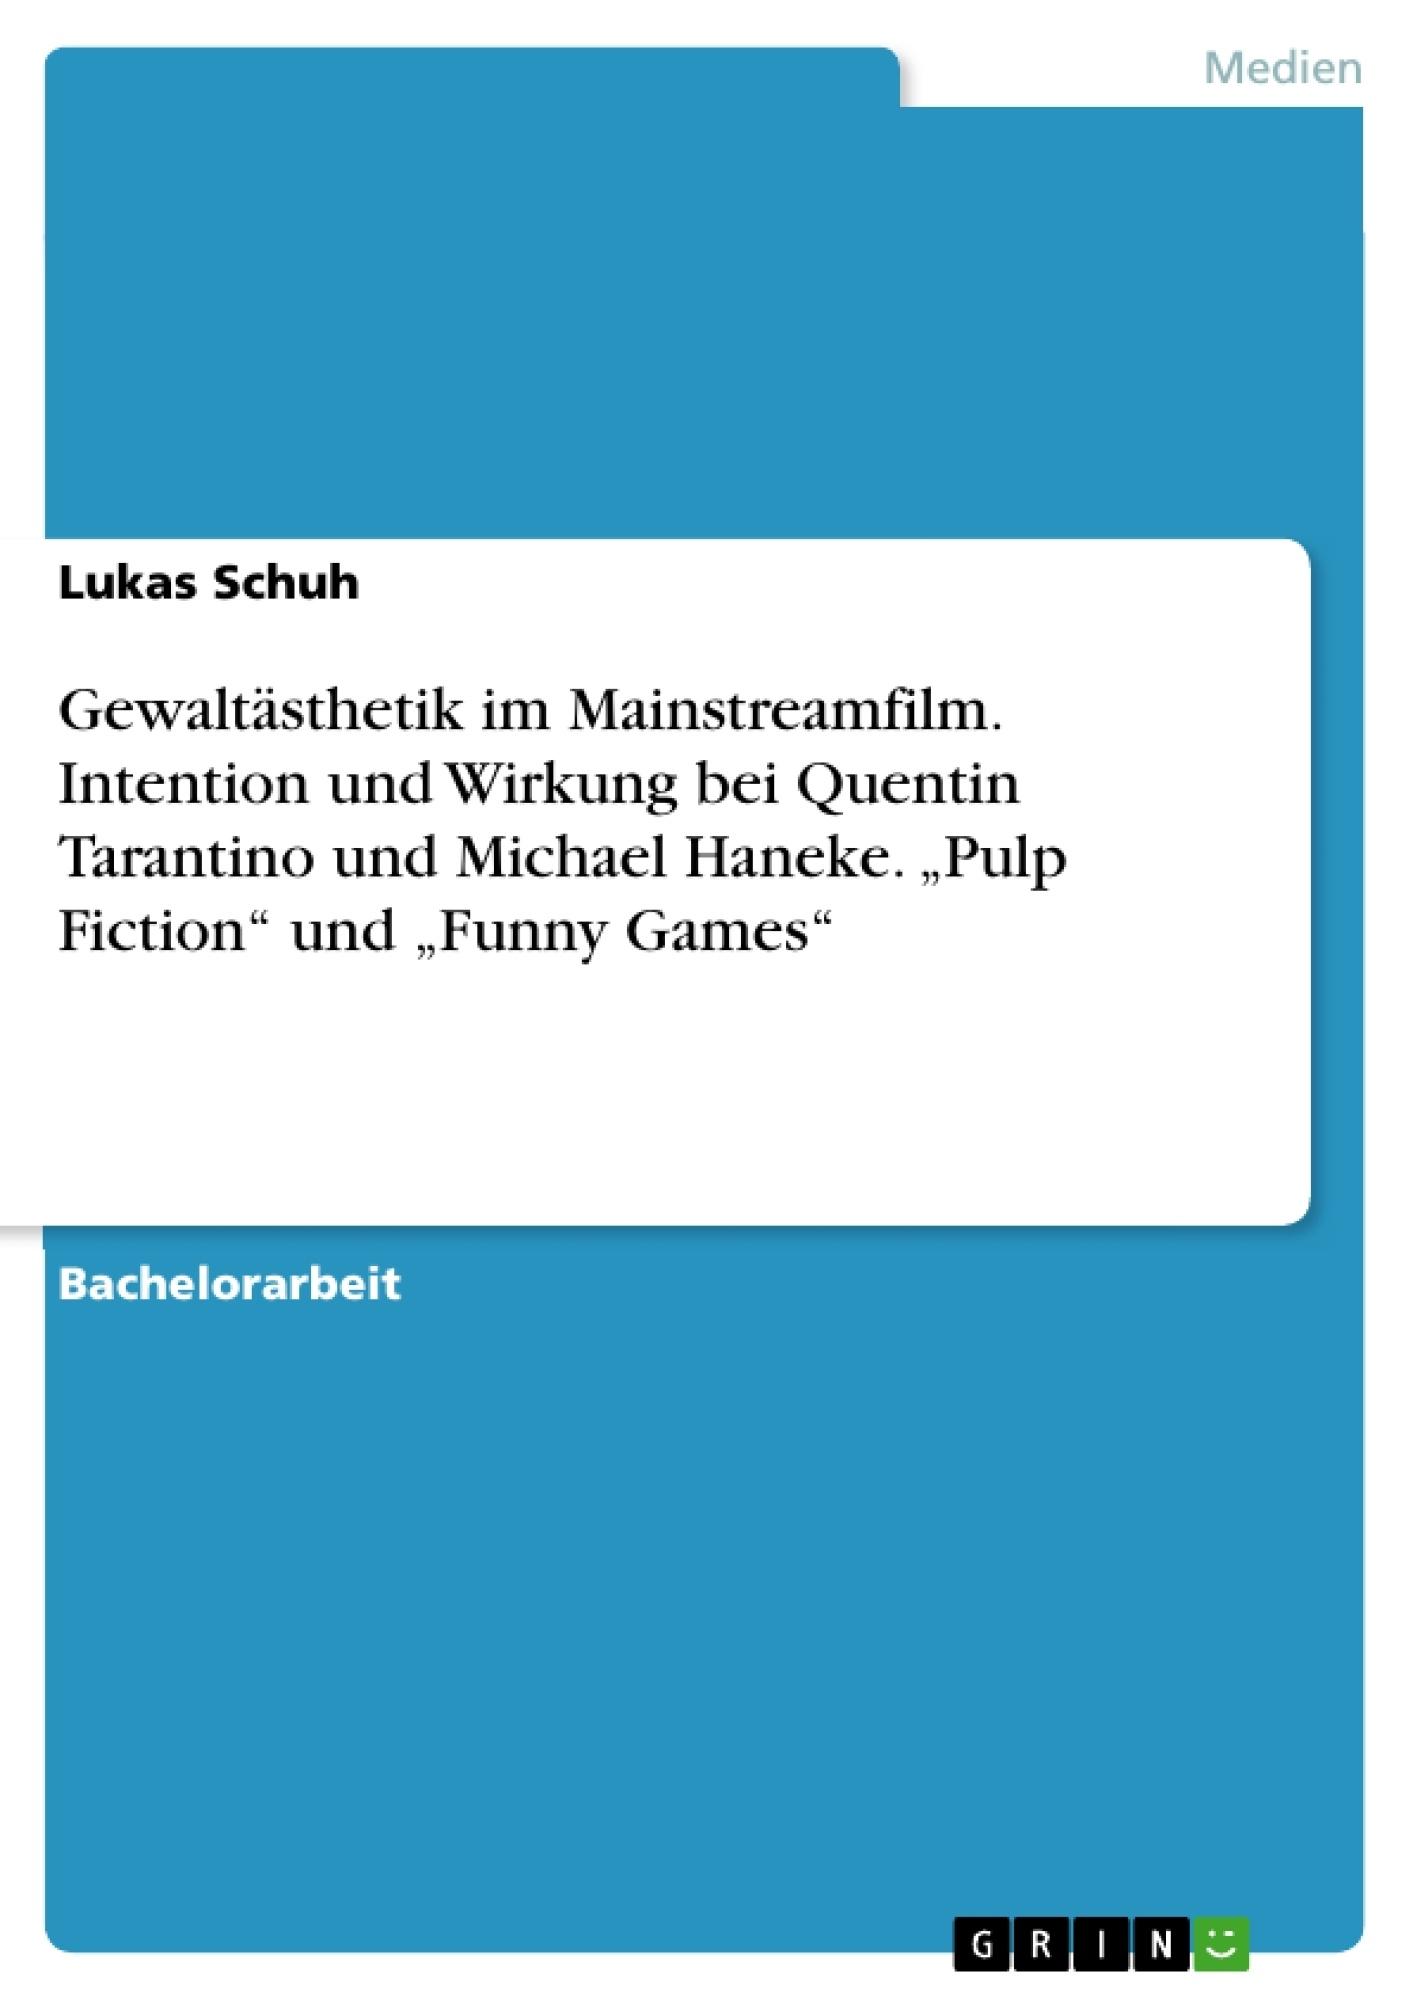 """Titel: Gewaltästhetik im Mainstreamfilm. Intention und Wirkung bei Quentin Tarantino und Michael Haneke. """"Pulp Fiction"""" und """"Funny Games"""""""